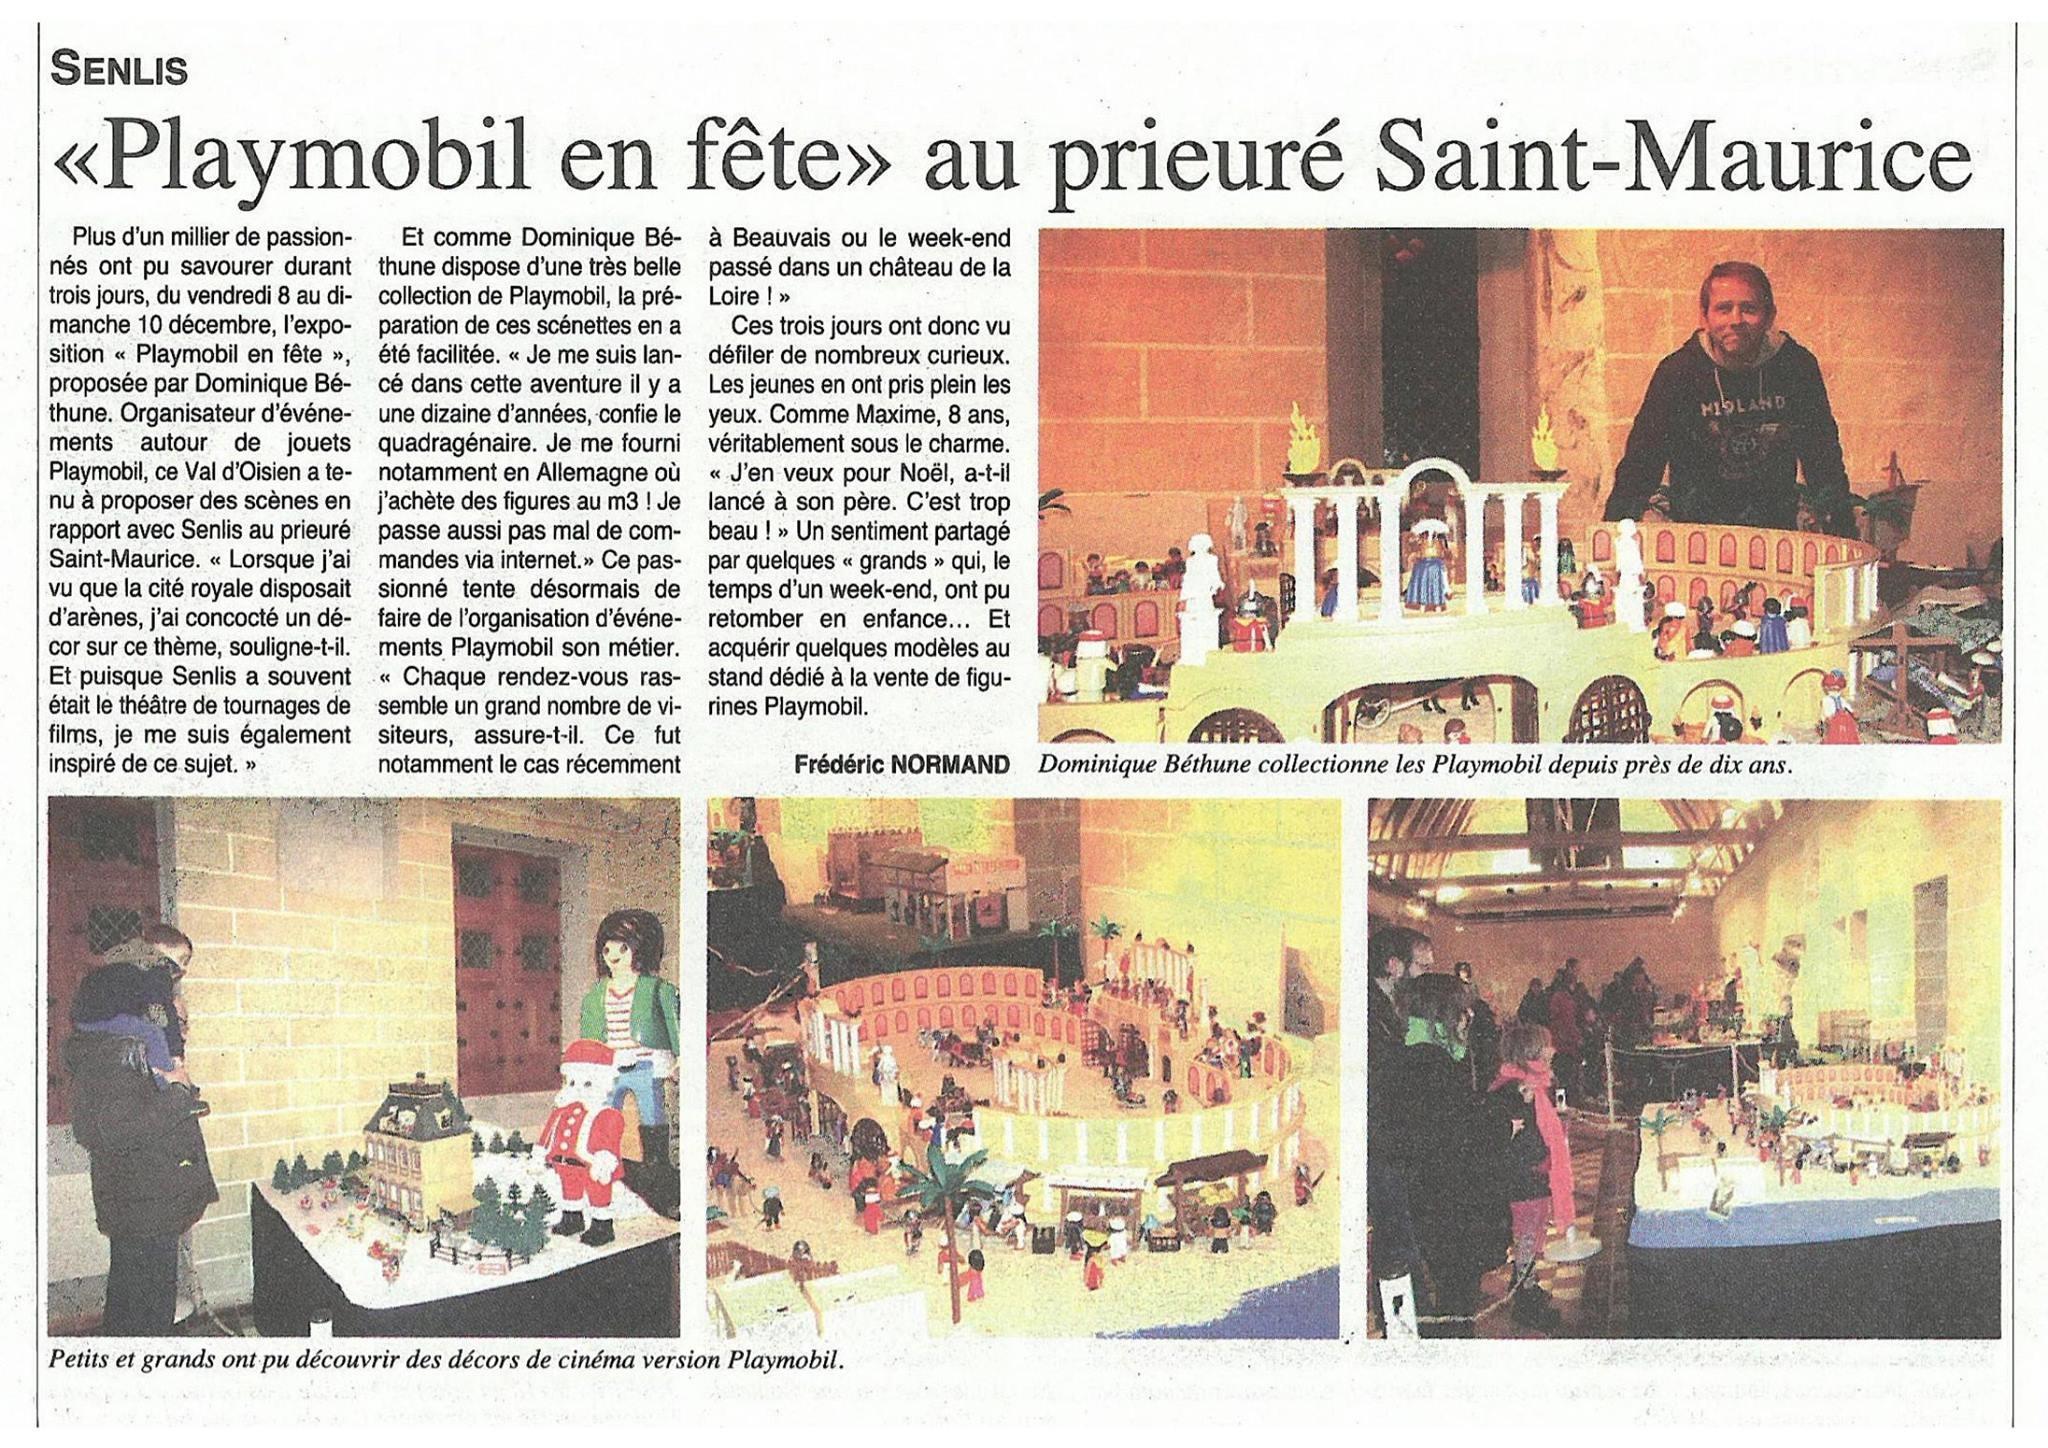 Exposition Playmobil Senlis au Prieuré